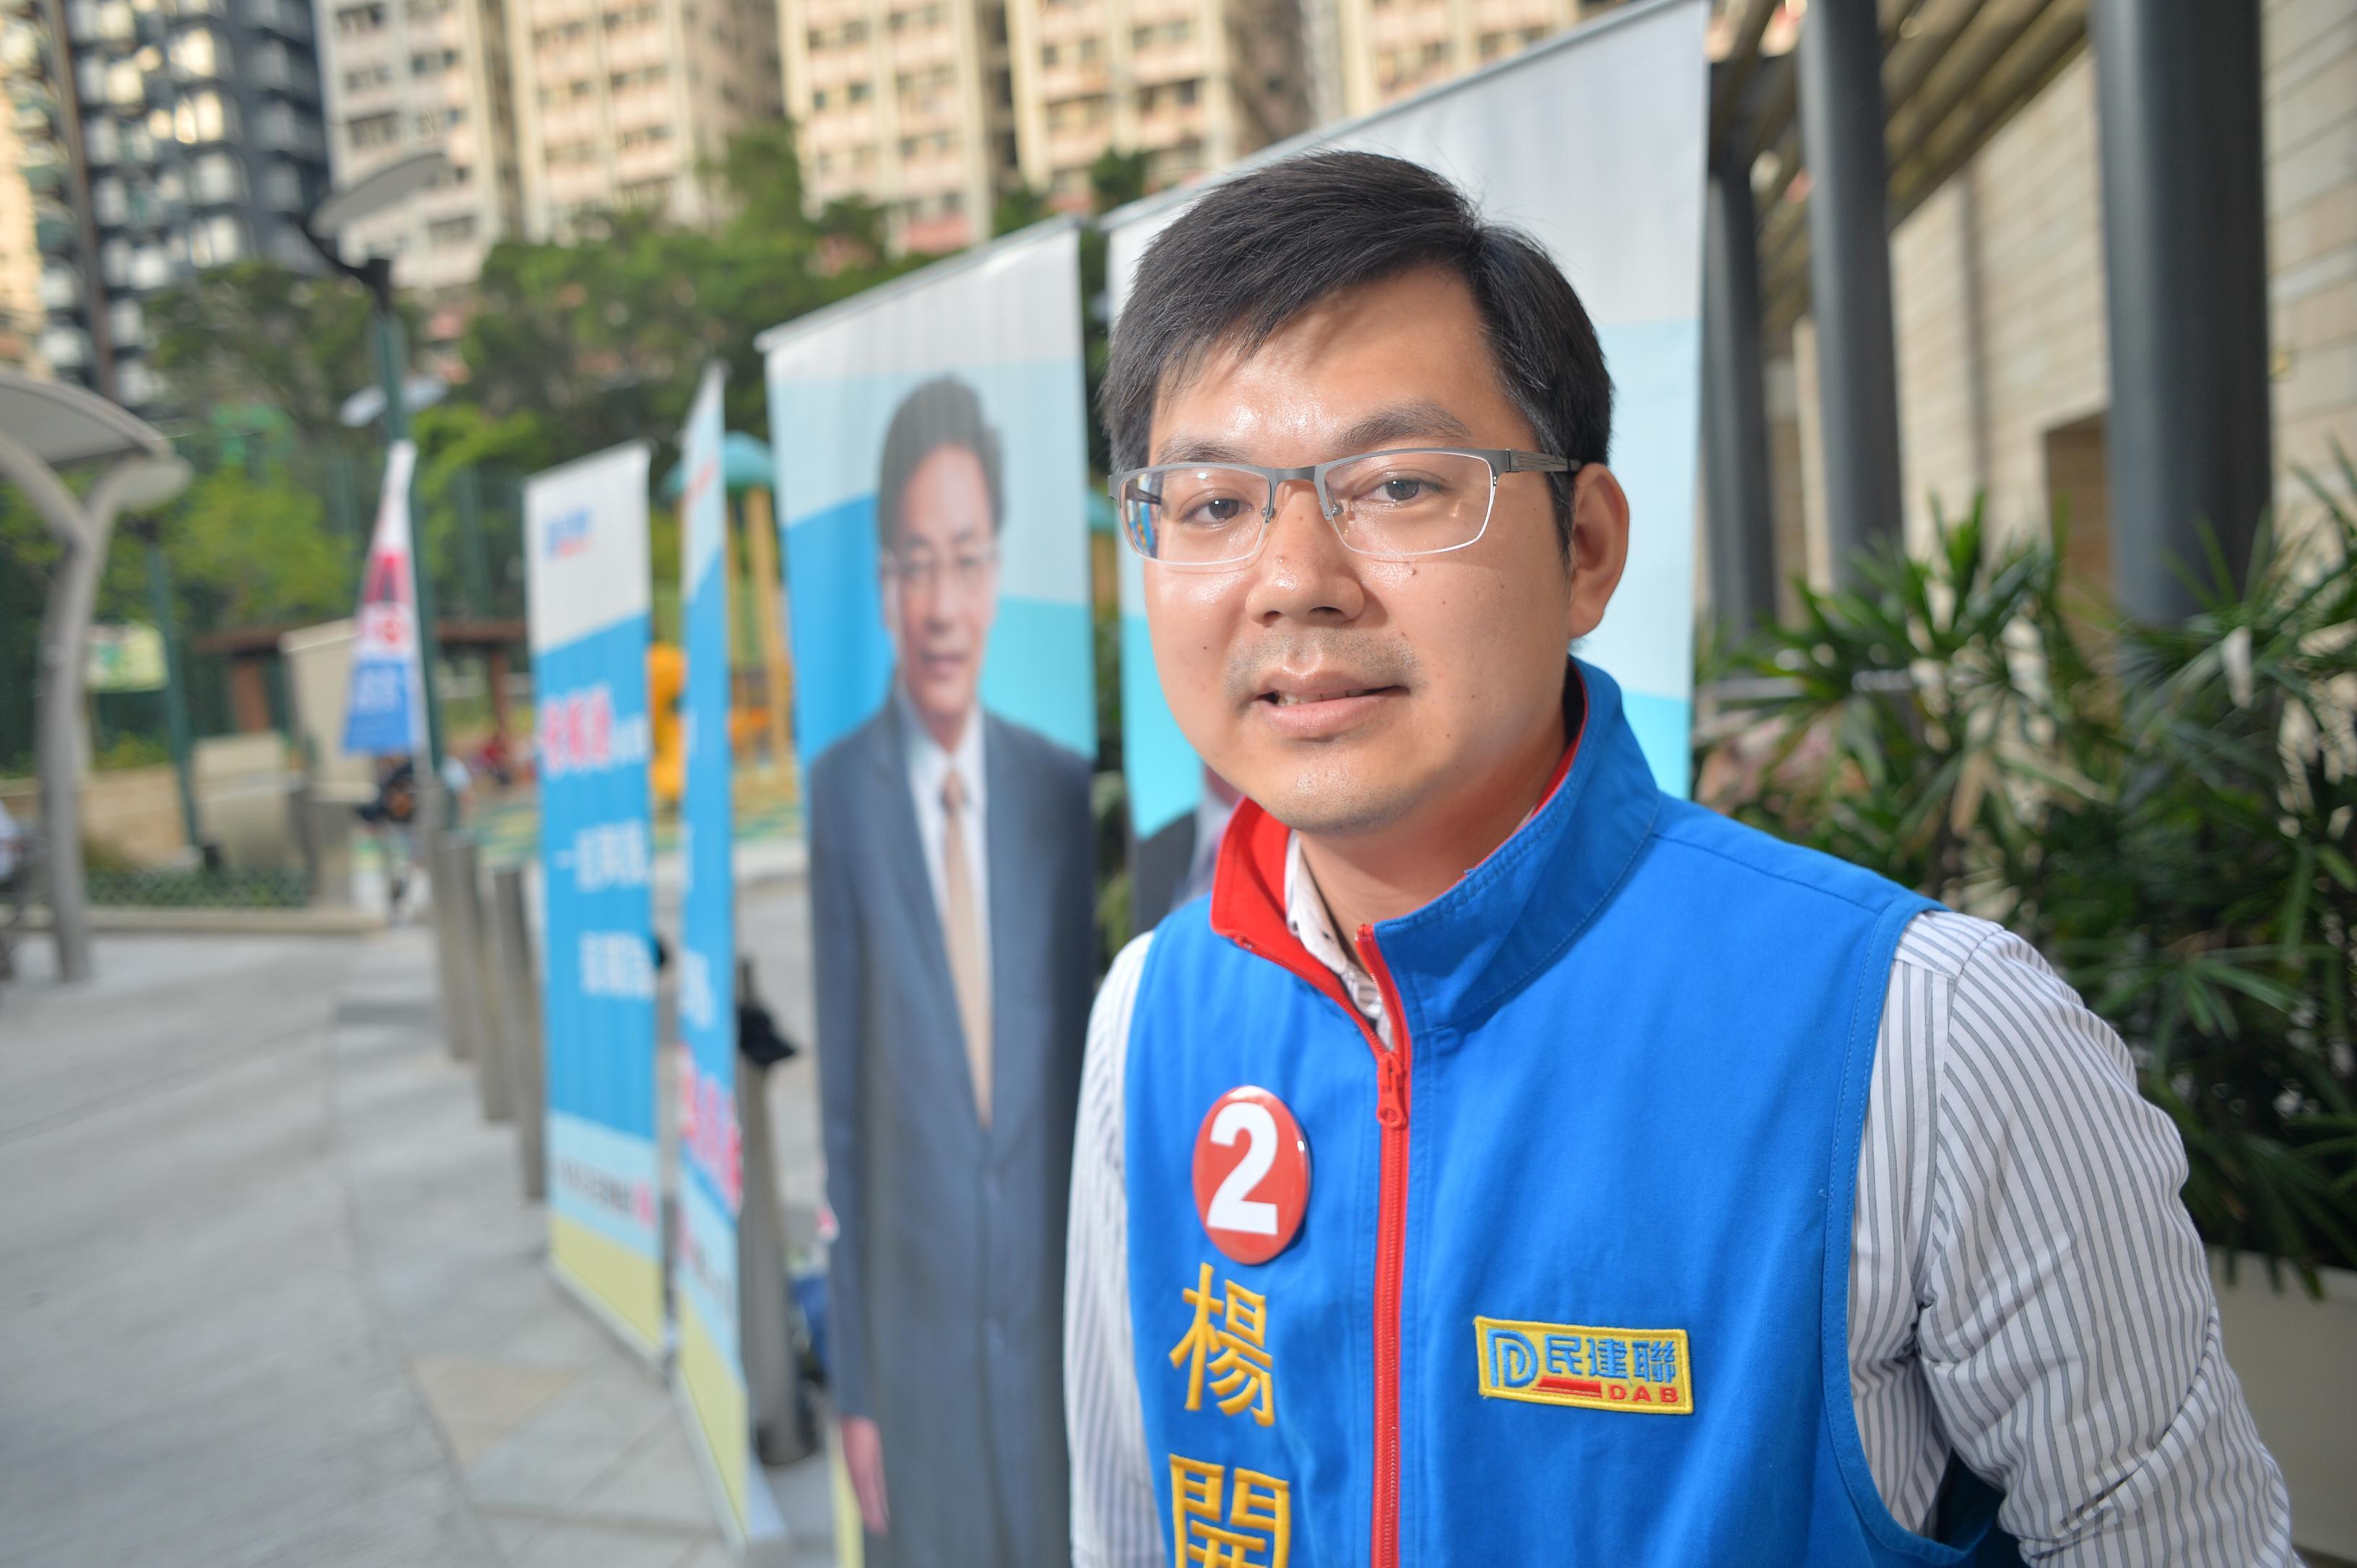 31歲的楊開永大學畢業就任曾鈺成的議員助理,他表示,欣賞民建聯到社區做實事的作風。(蘇智鑫攝)